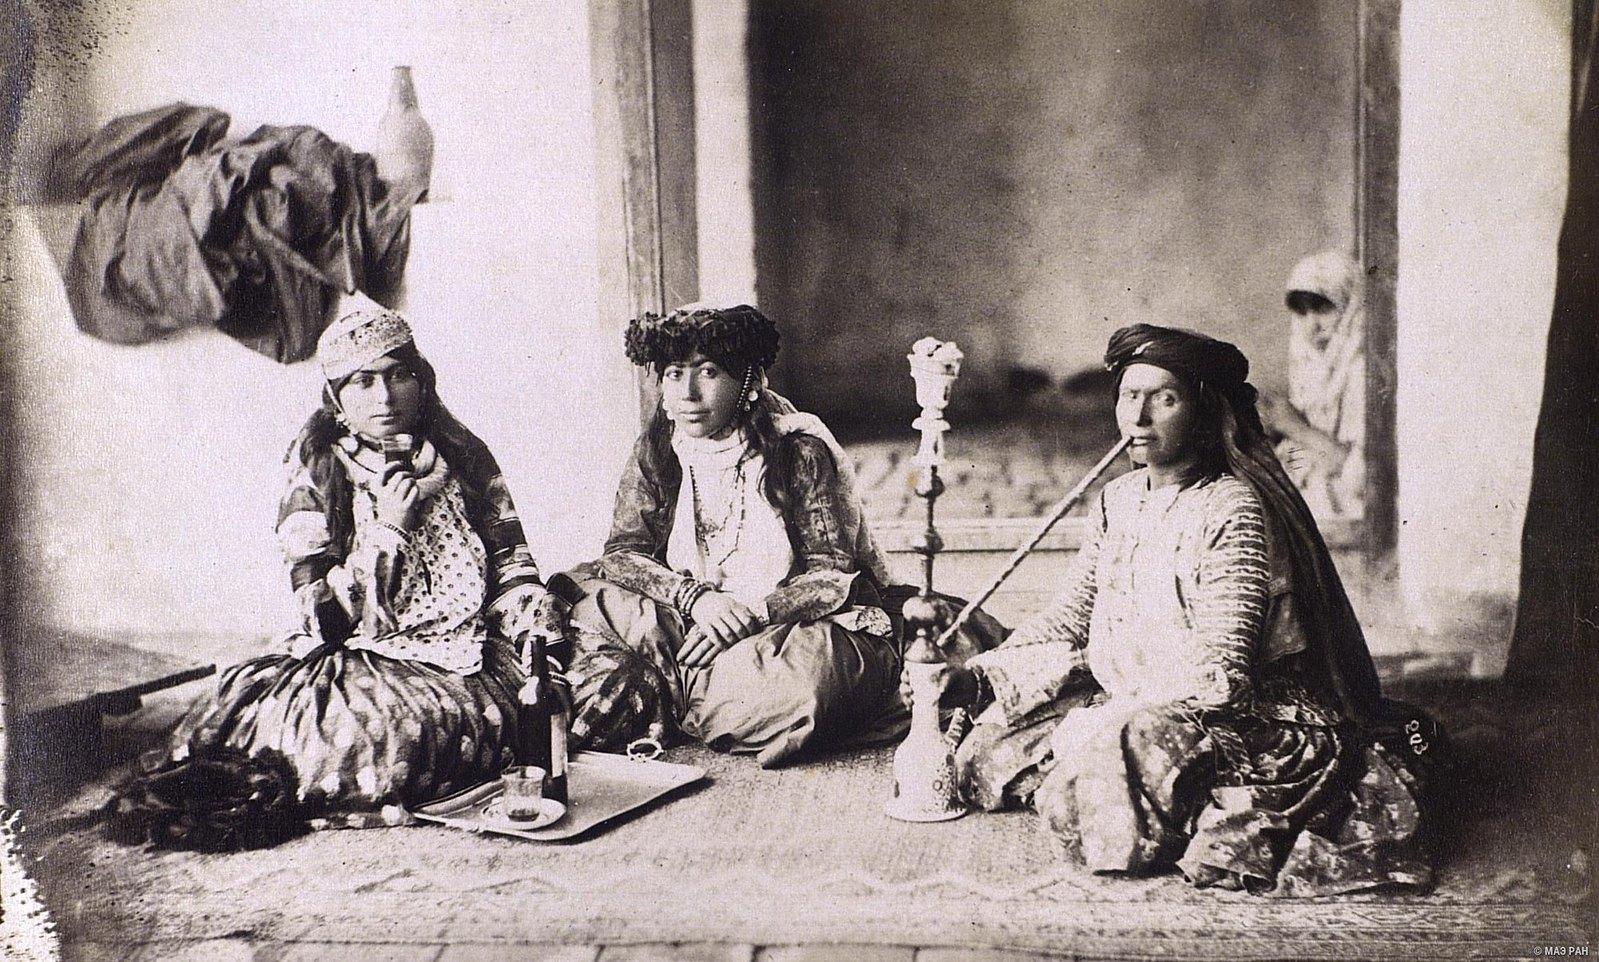 Женщины в эндеруне (внутреннем дворце) за угощением